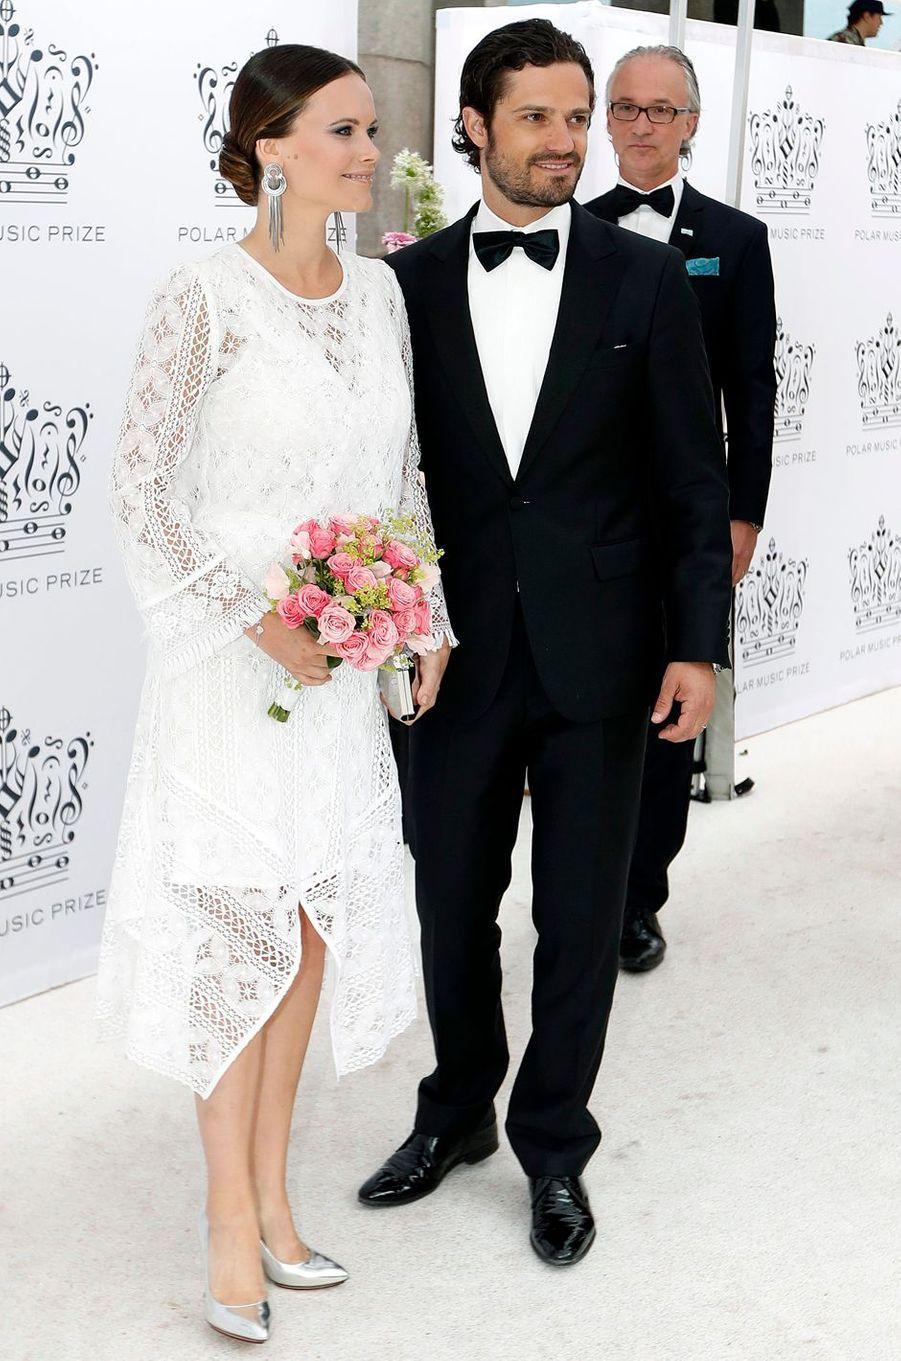 La princesse Sofia et le prince Carl Philip de Suède à Stockholm, le 16 juin 2016